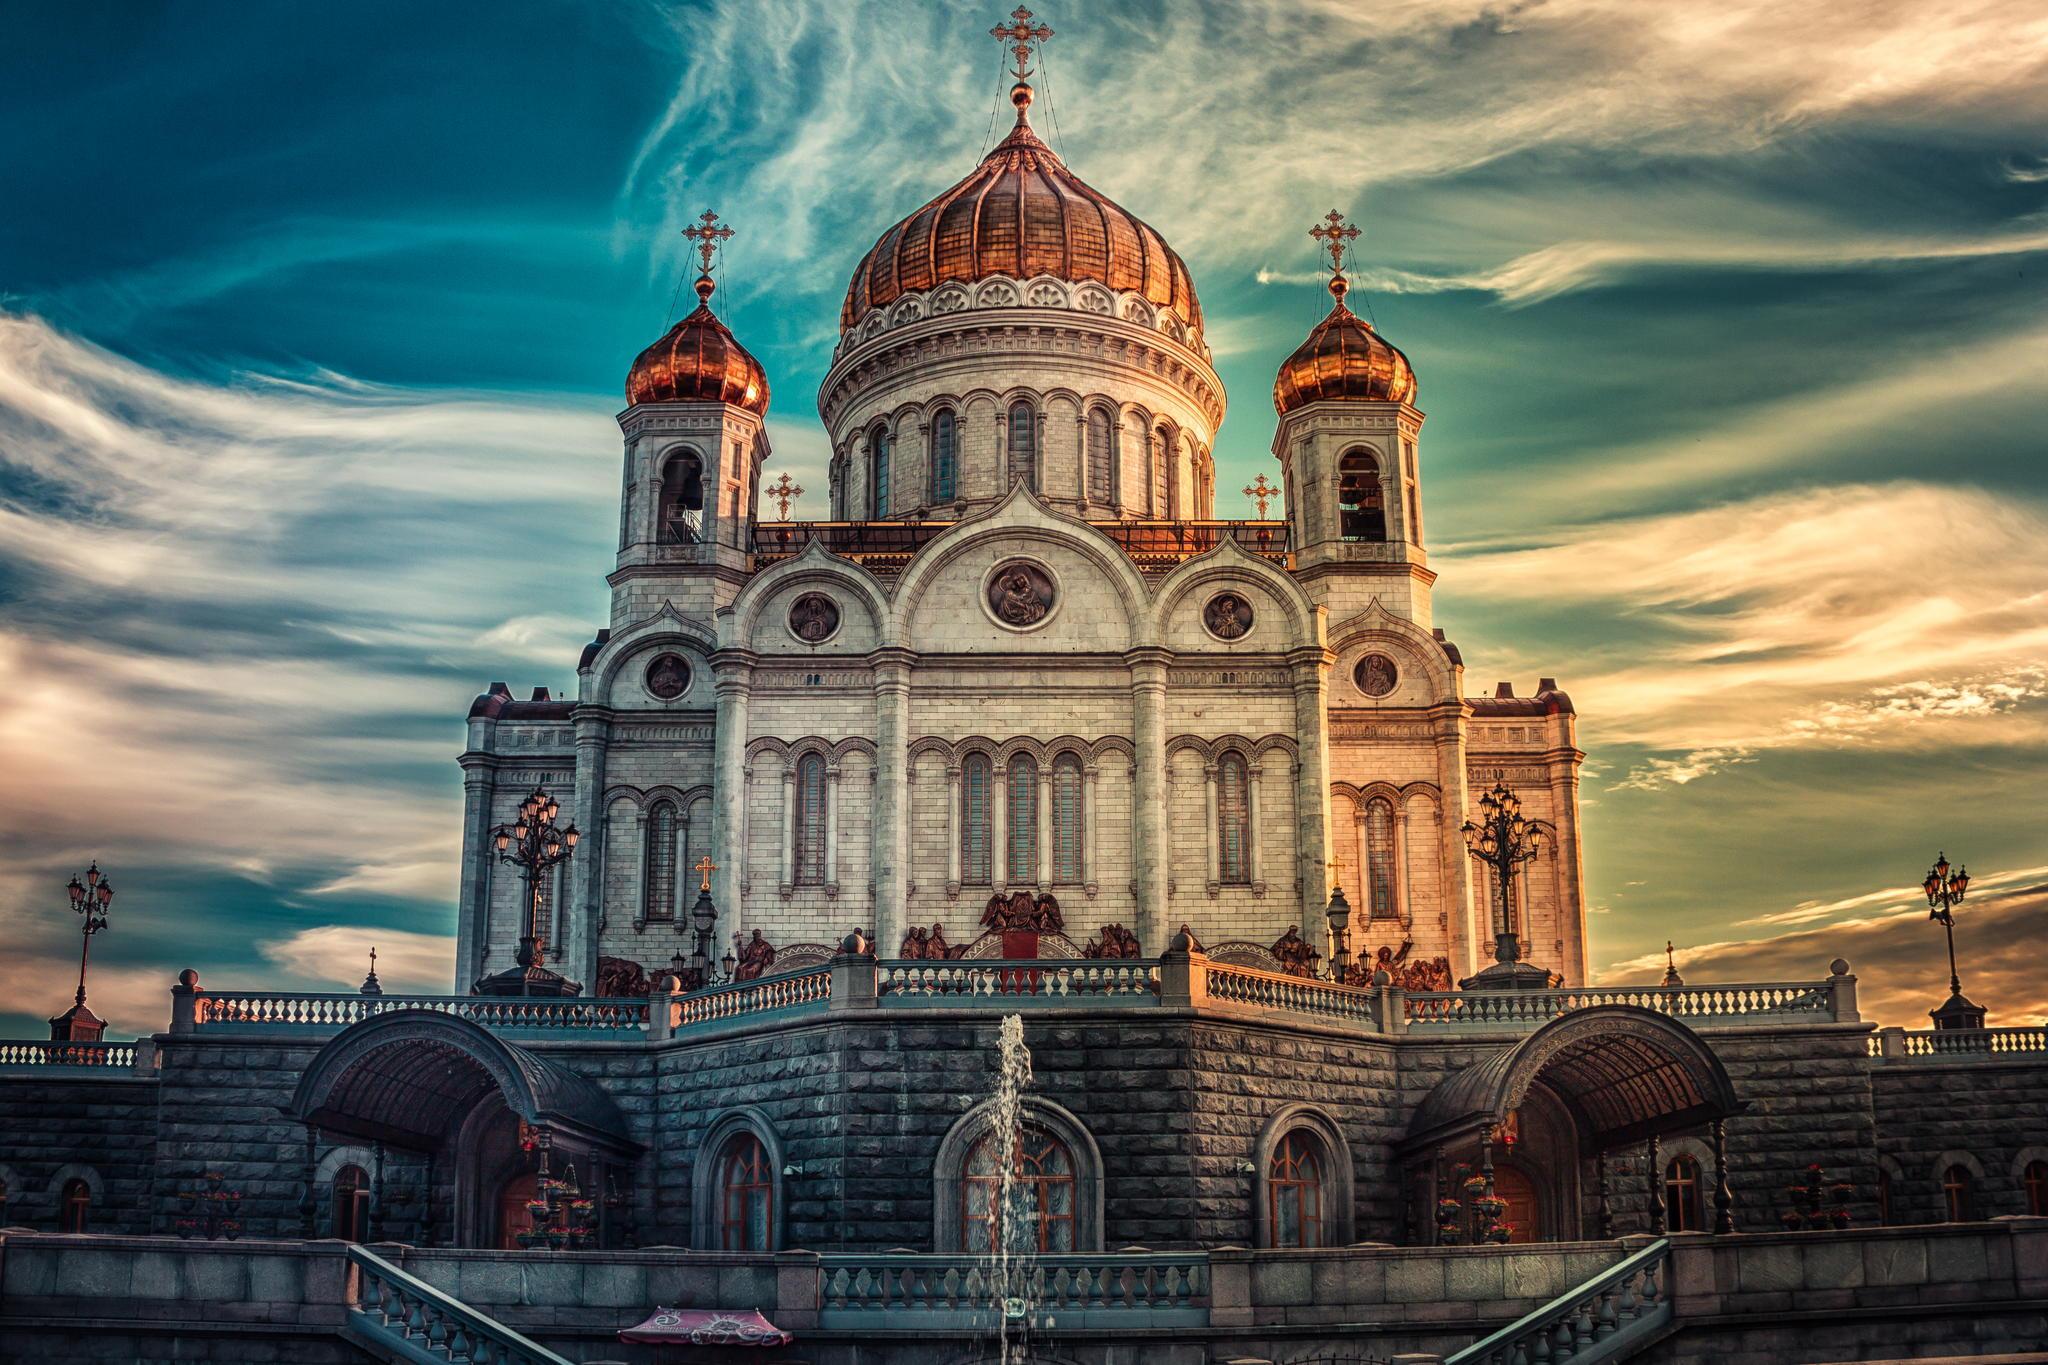 выбор фотобанки в россии современный материал, характеристикам